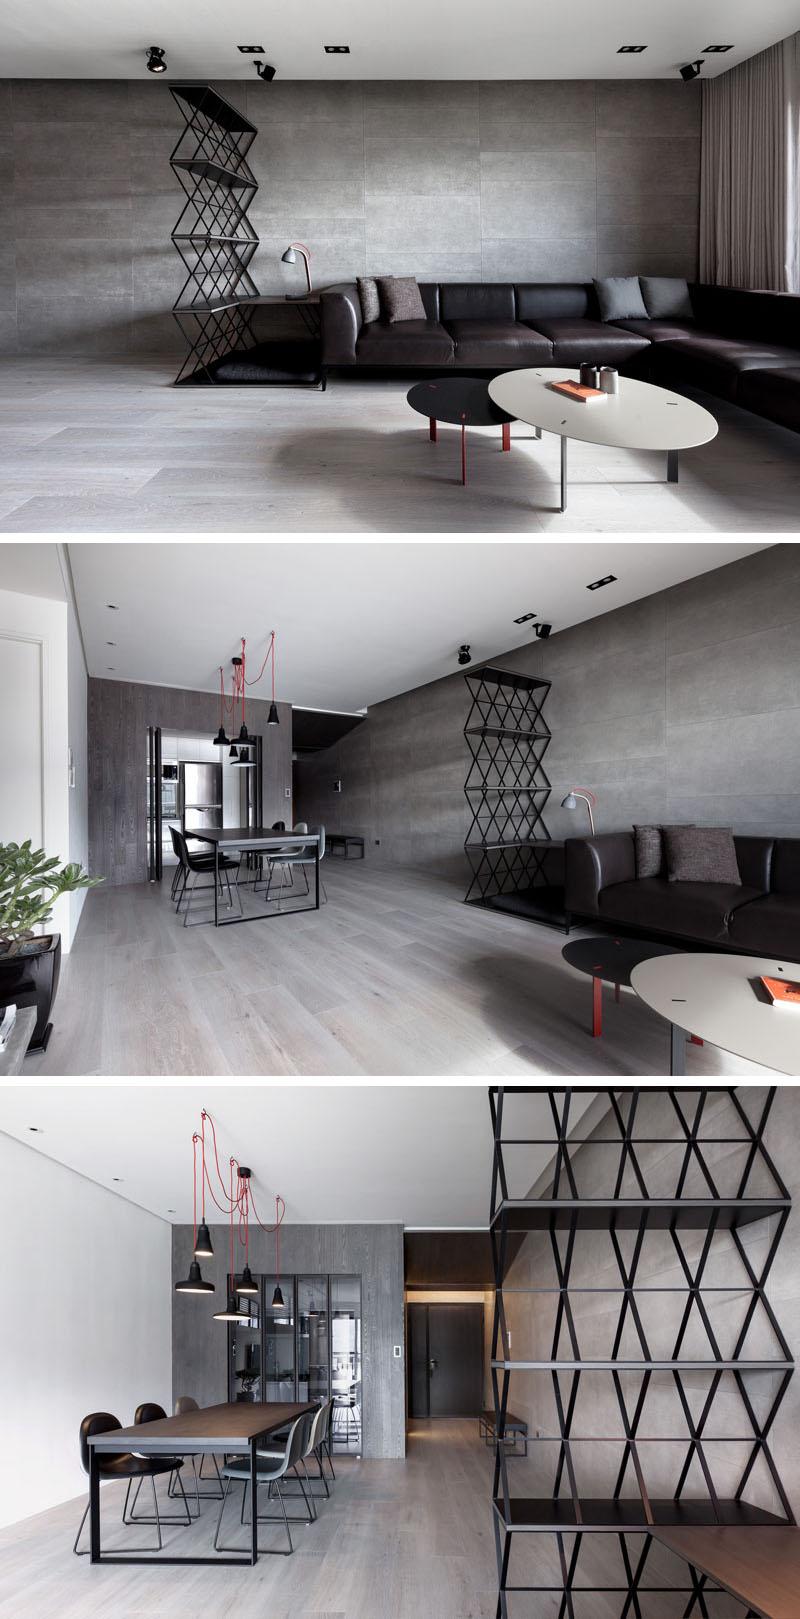 3-movel-integra-cama-para-pet-mesa-e-estante-nesta-sala